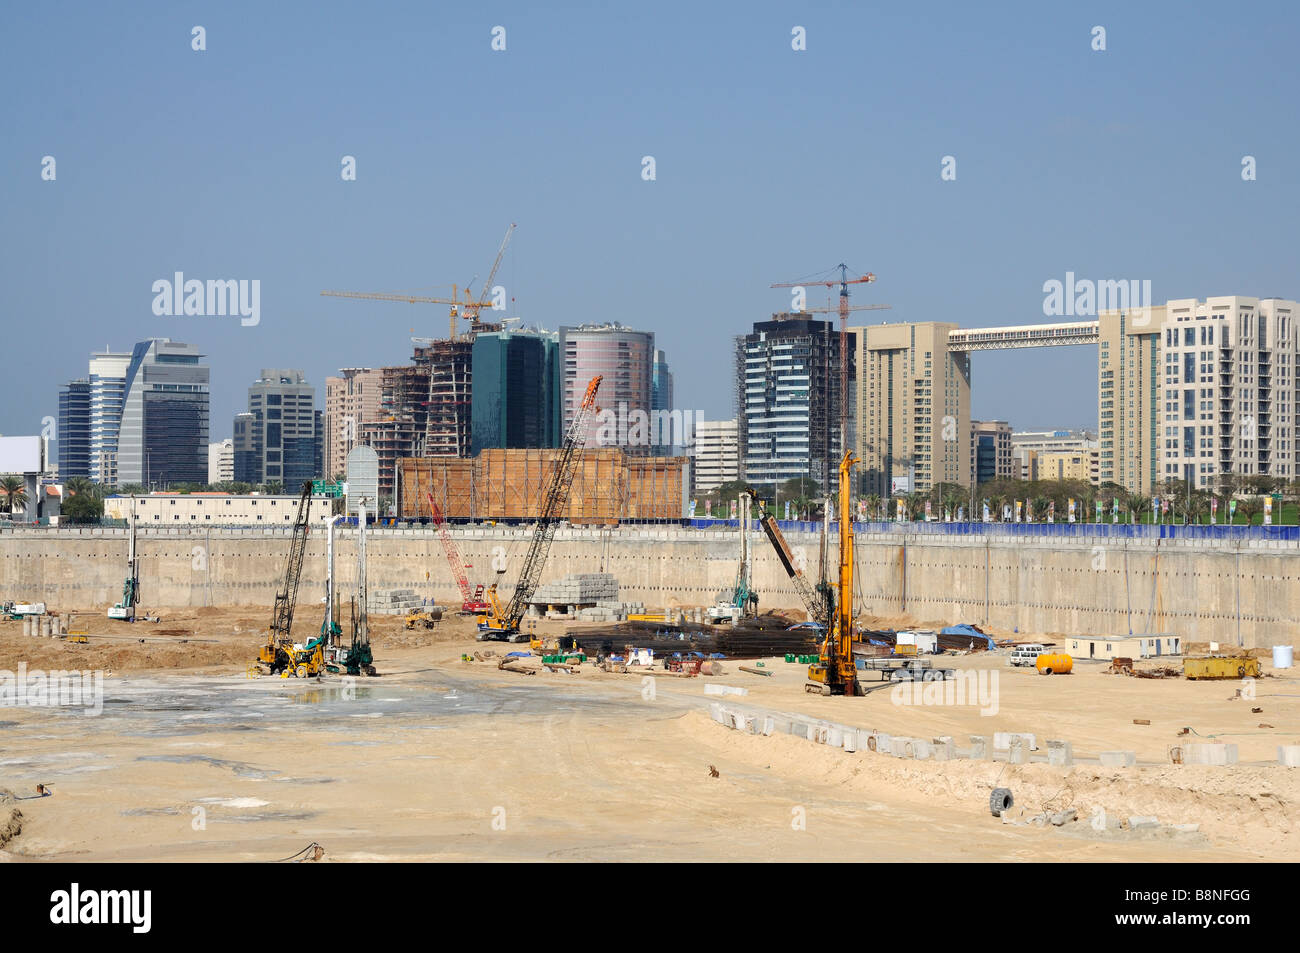 Baustelle in Dubai, Vereinigte Arabische Emirate Stockbild